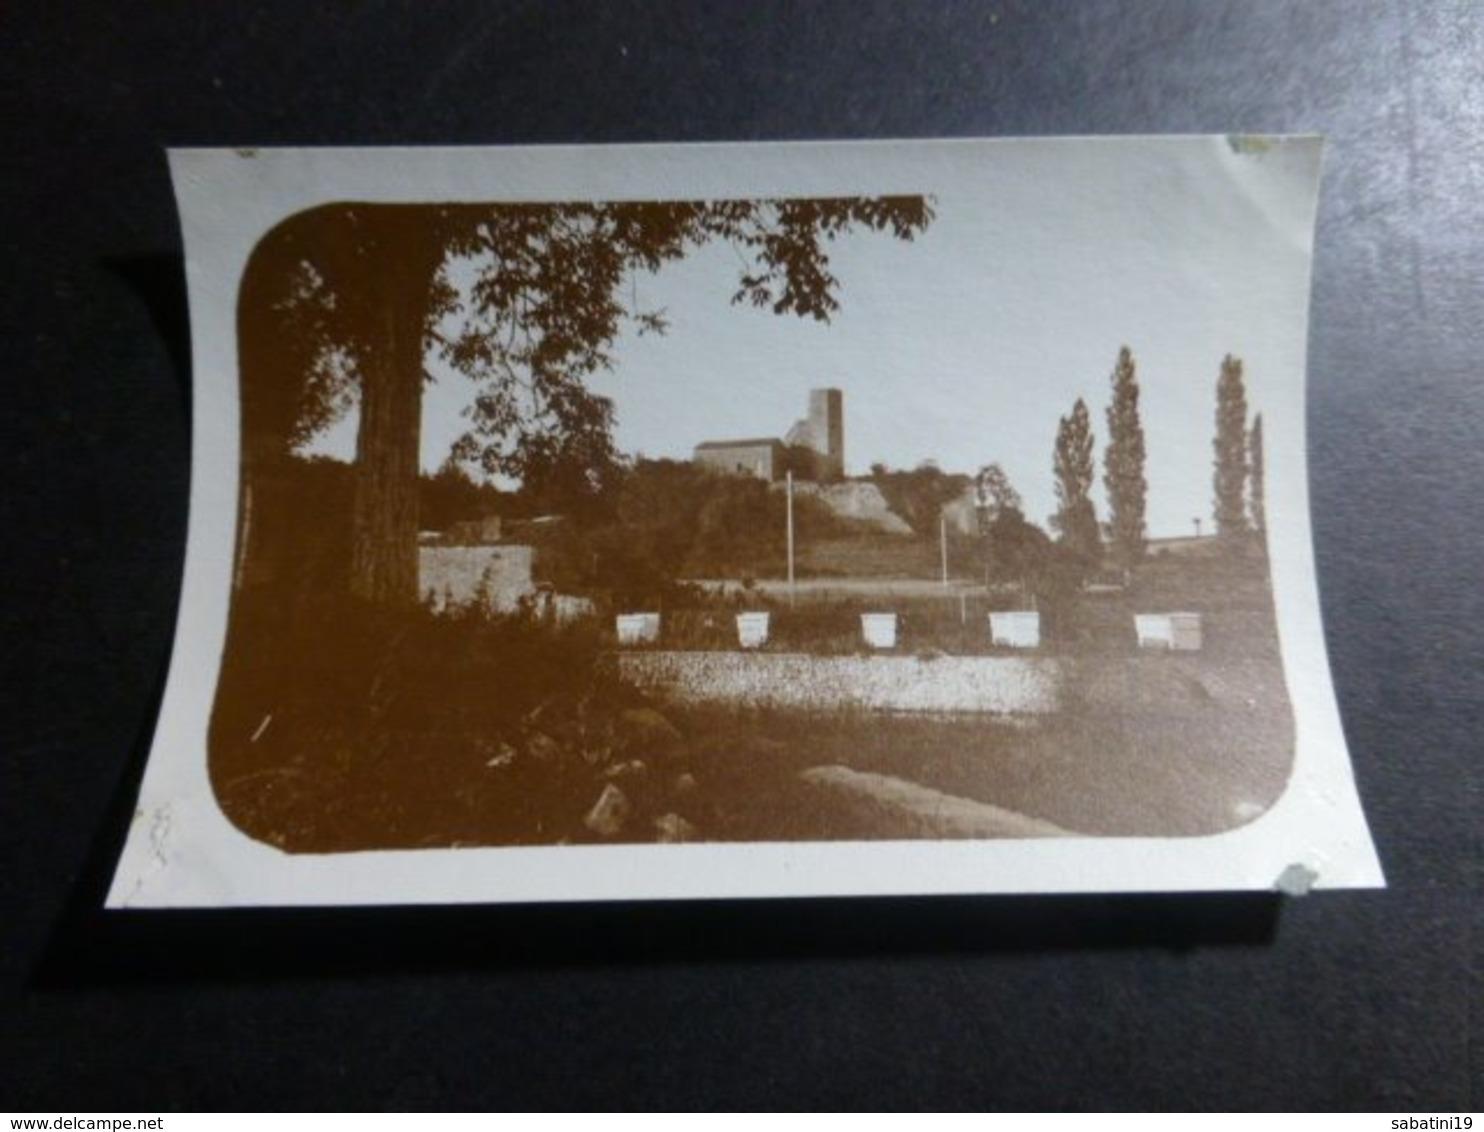 SAUVEBOEUF VIEUX CHATEAU DORDOGNE AQUITANIE FRANCE ANCIENNE PHOTO 1934 - Places